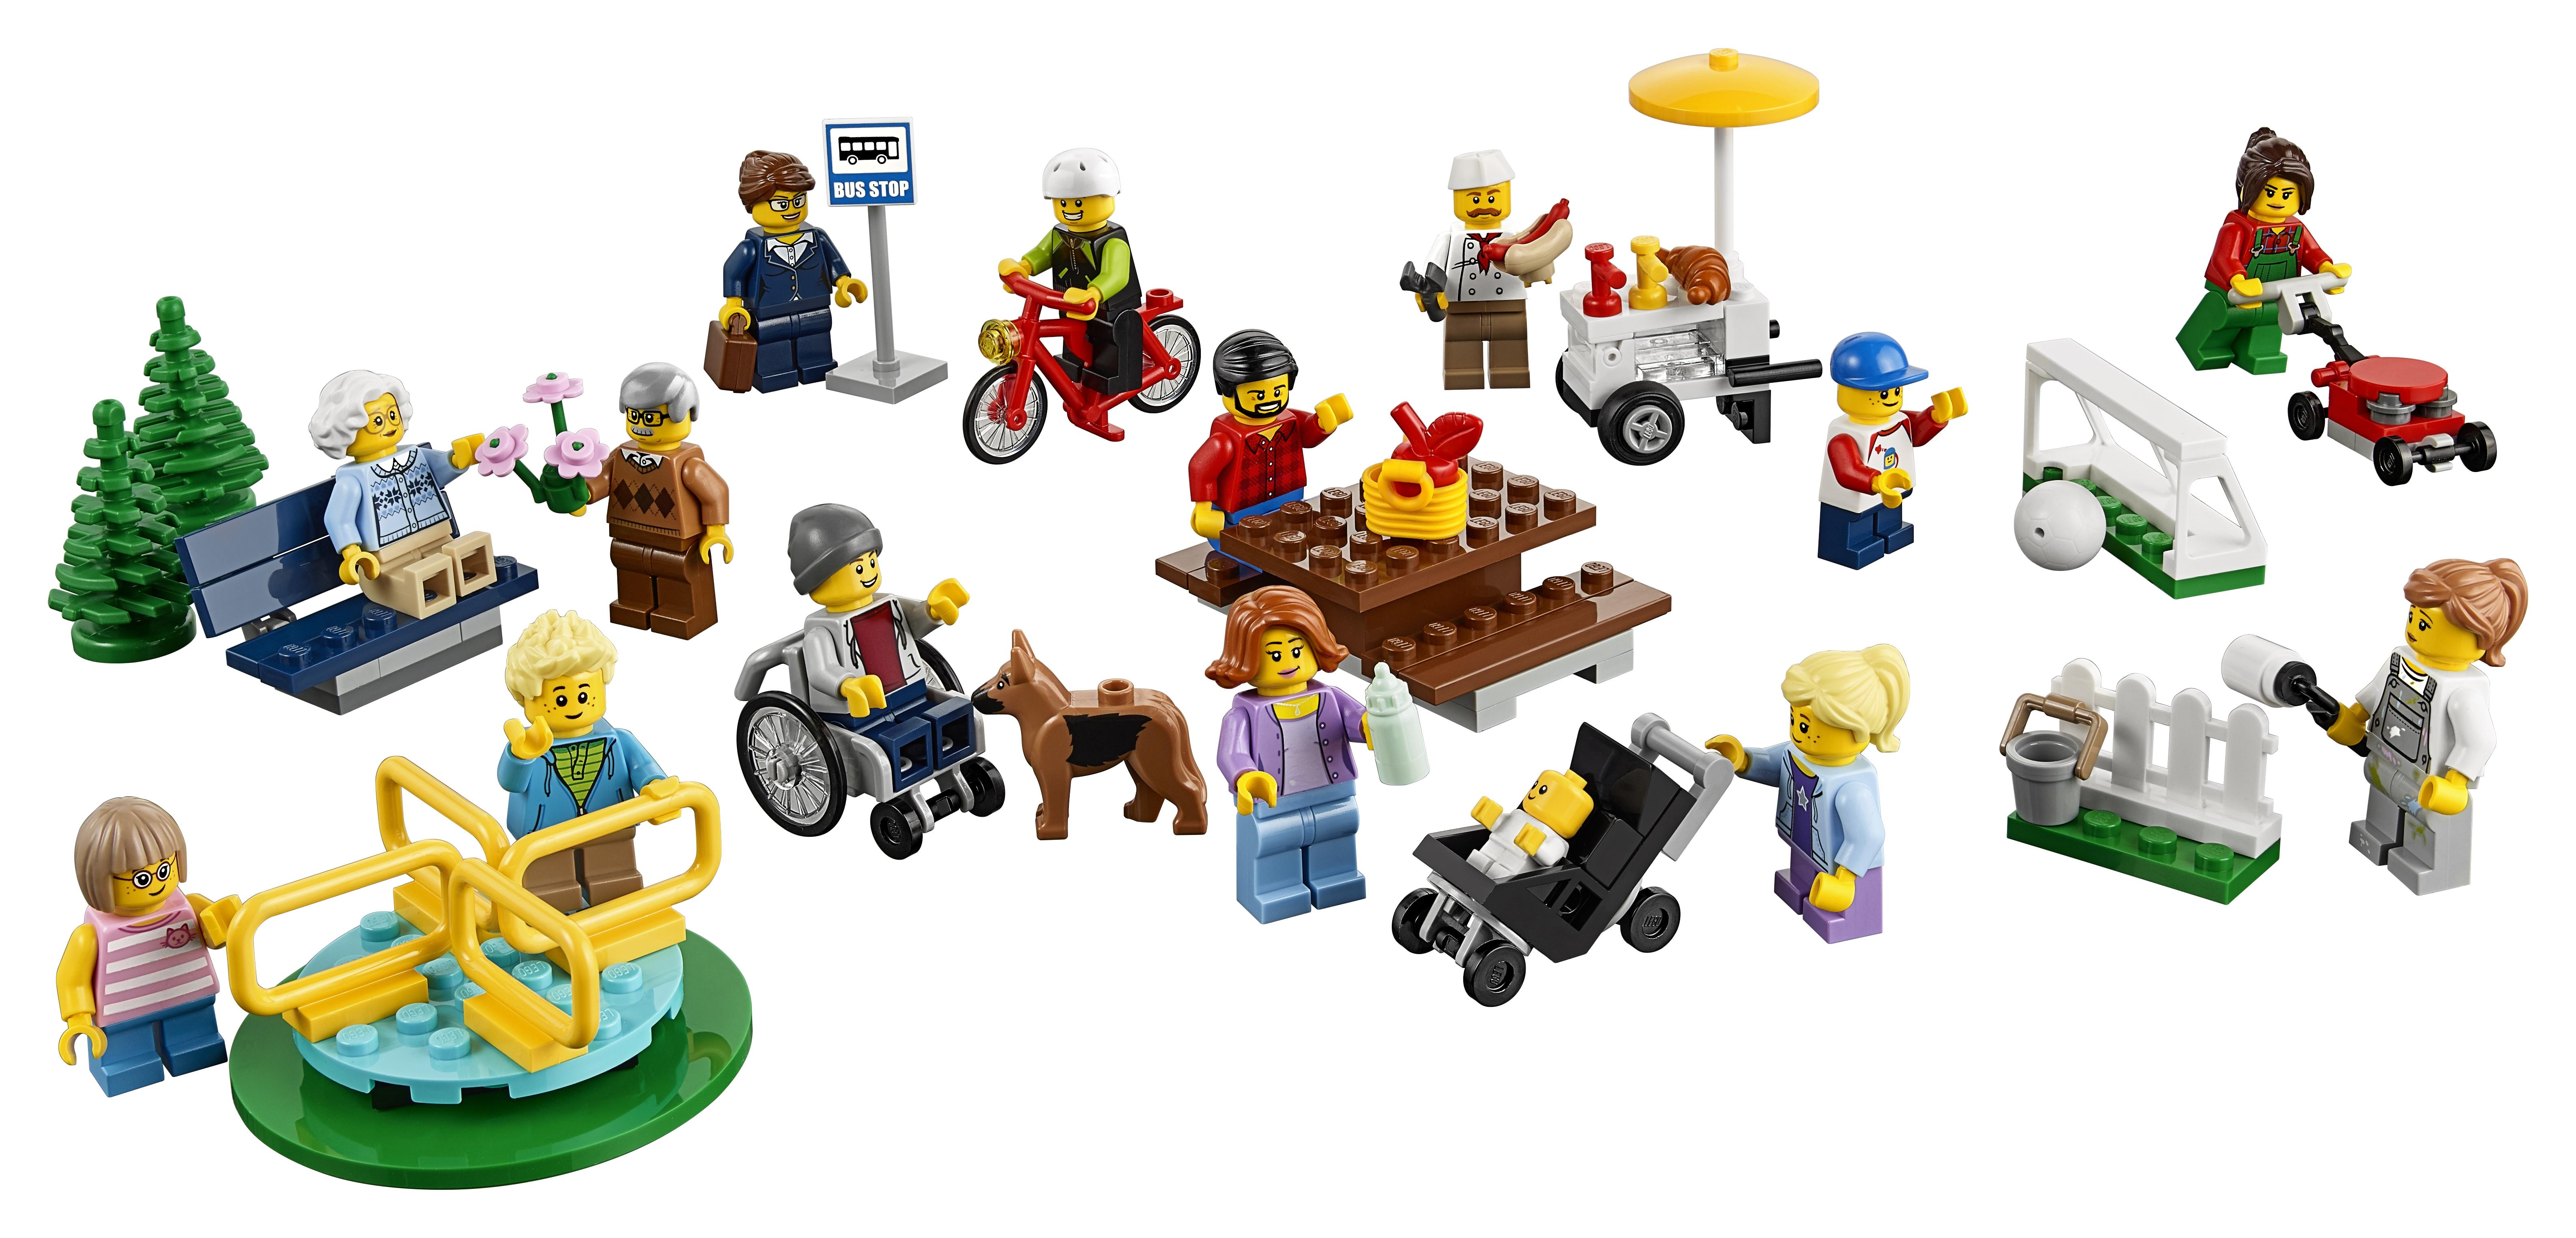 LEGO LEGO City Праздник в парке lego животные в парке 31044